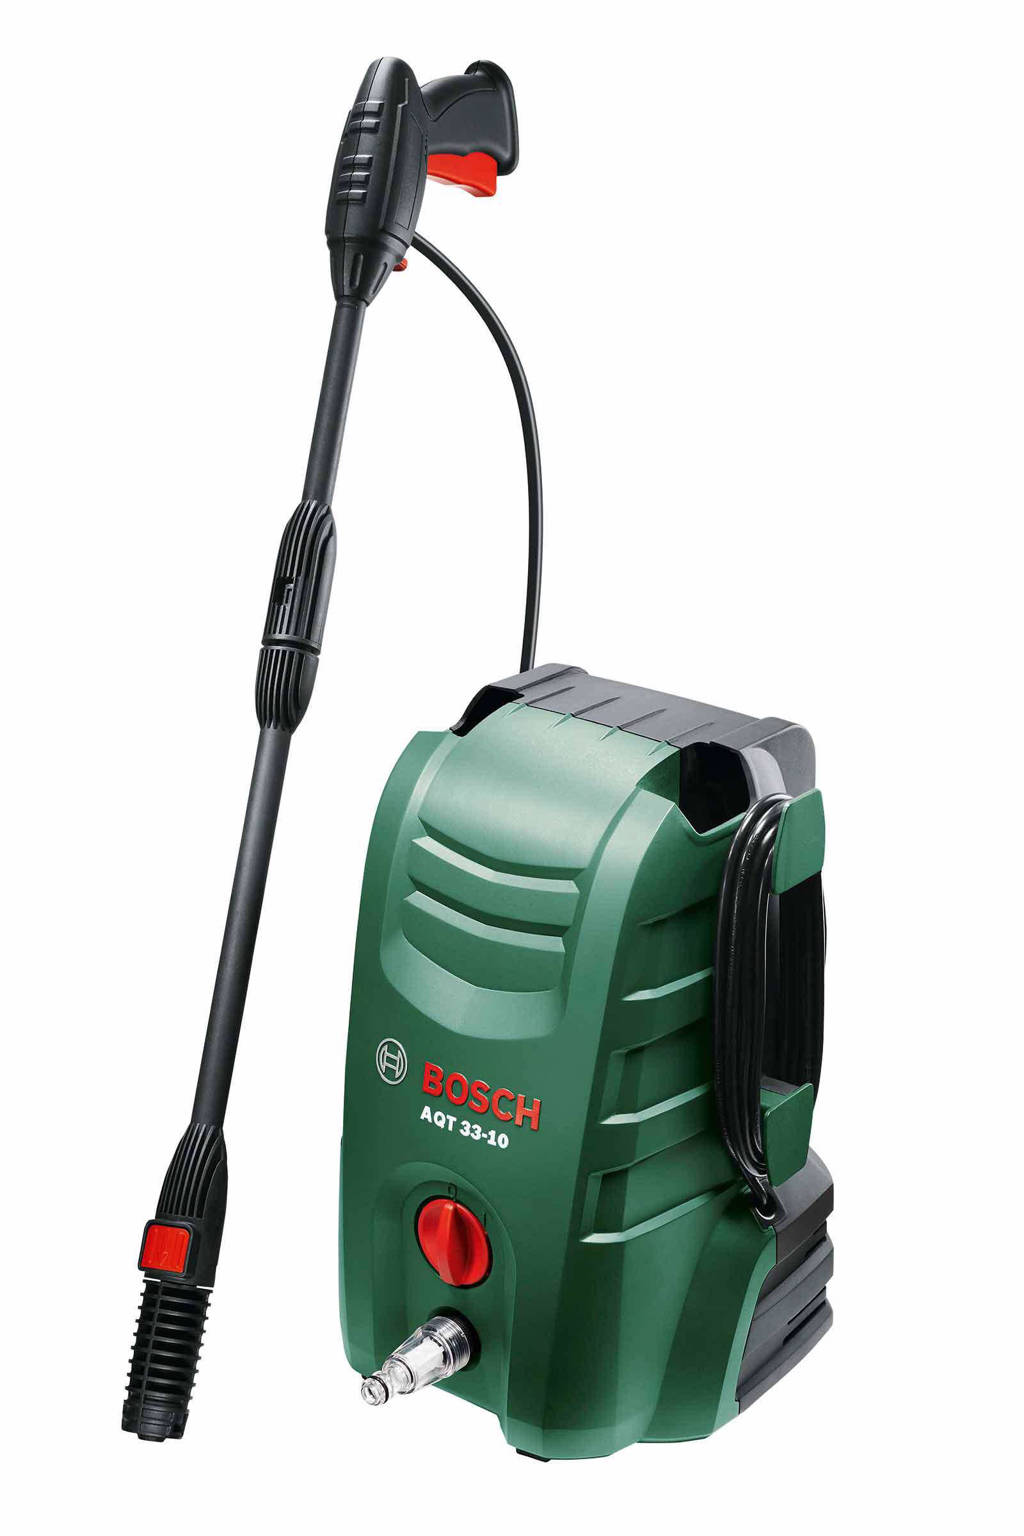 Bosch AQT 33-10 hogedrukreiniger